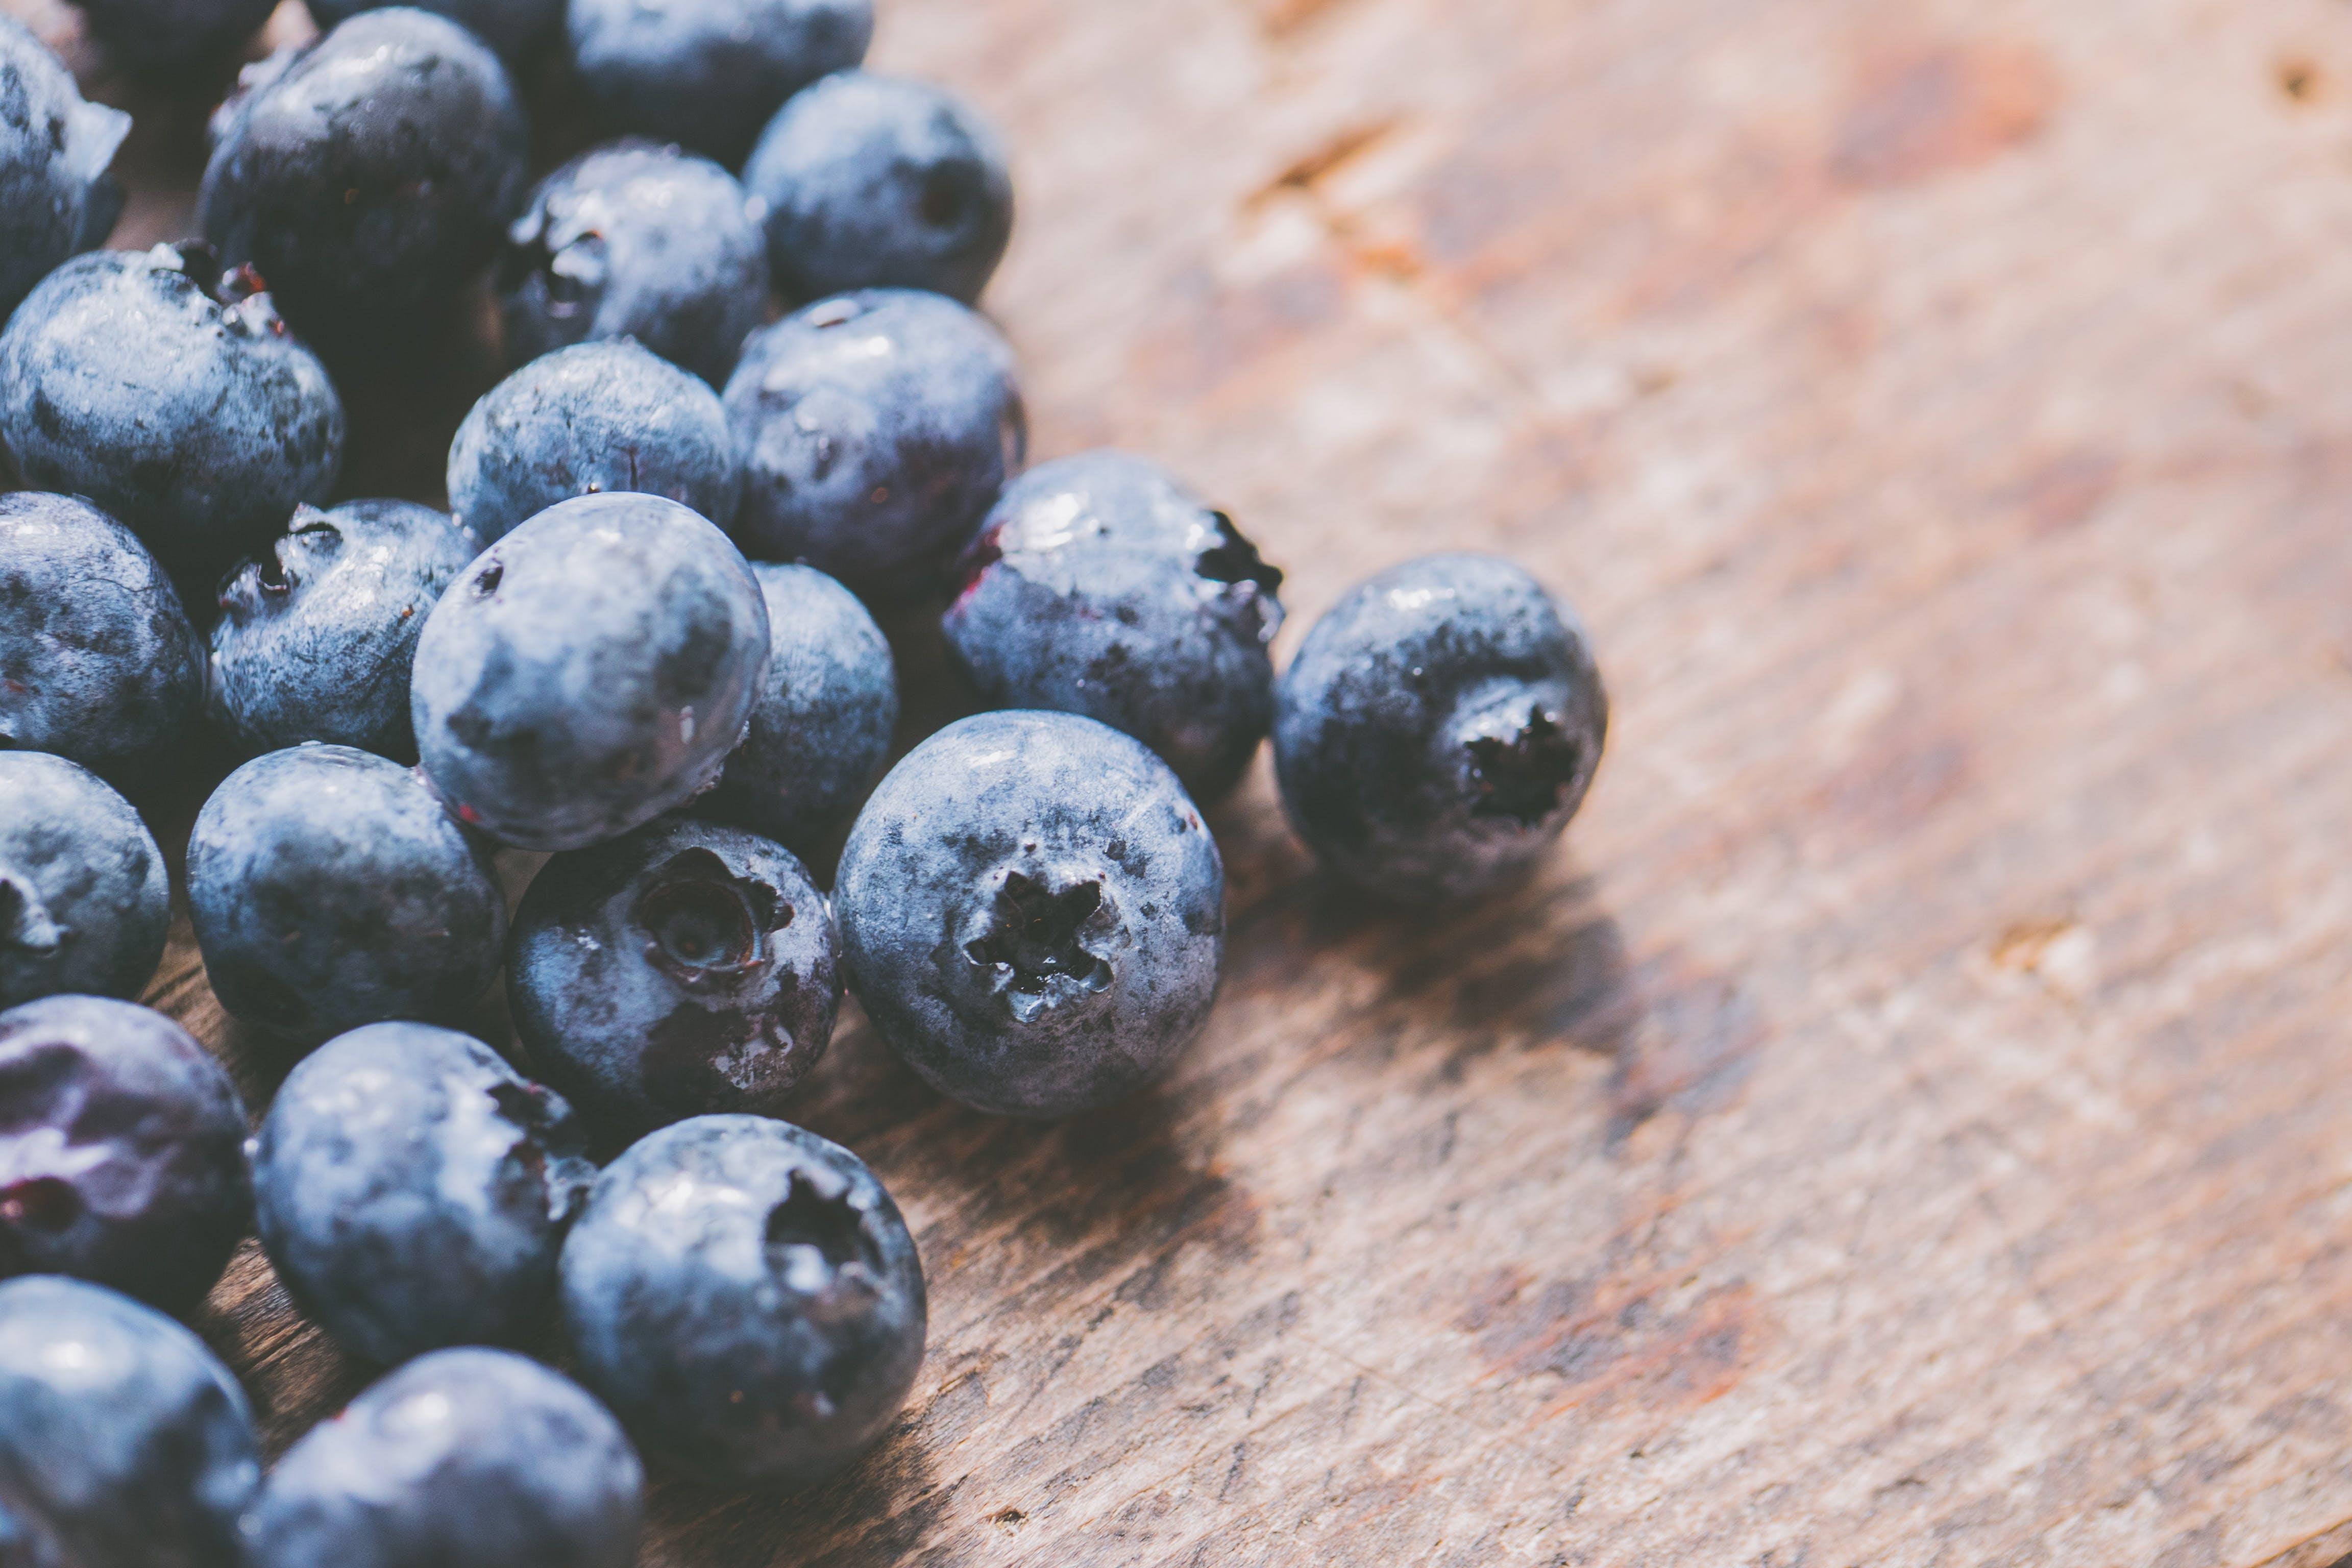 Kostenloses Stock Foto zu beeren, blaubeeren, essen, essensfotografie